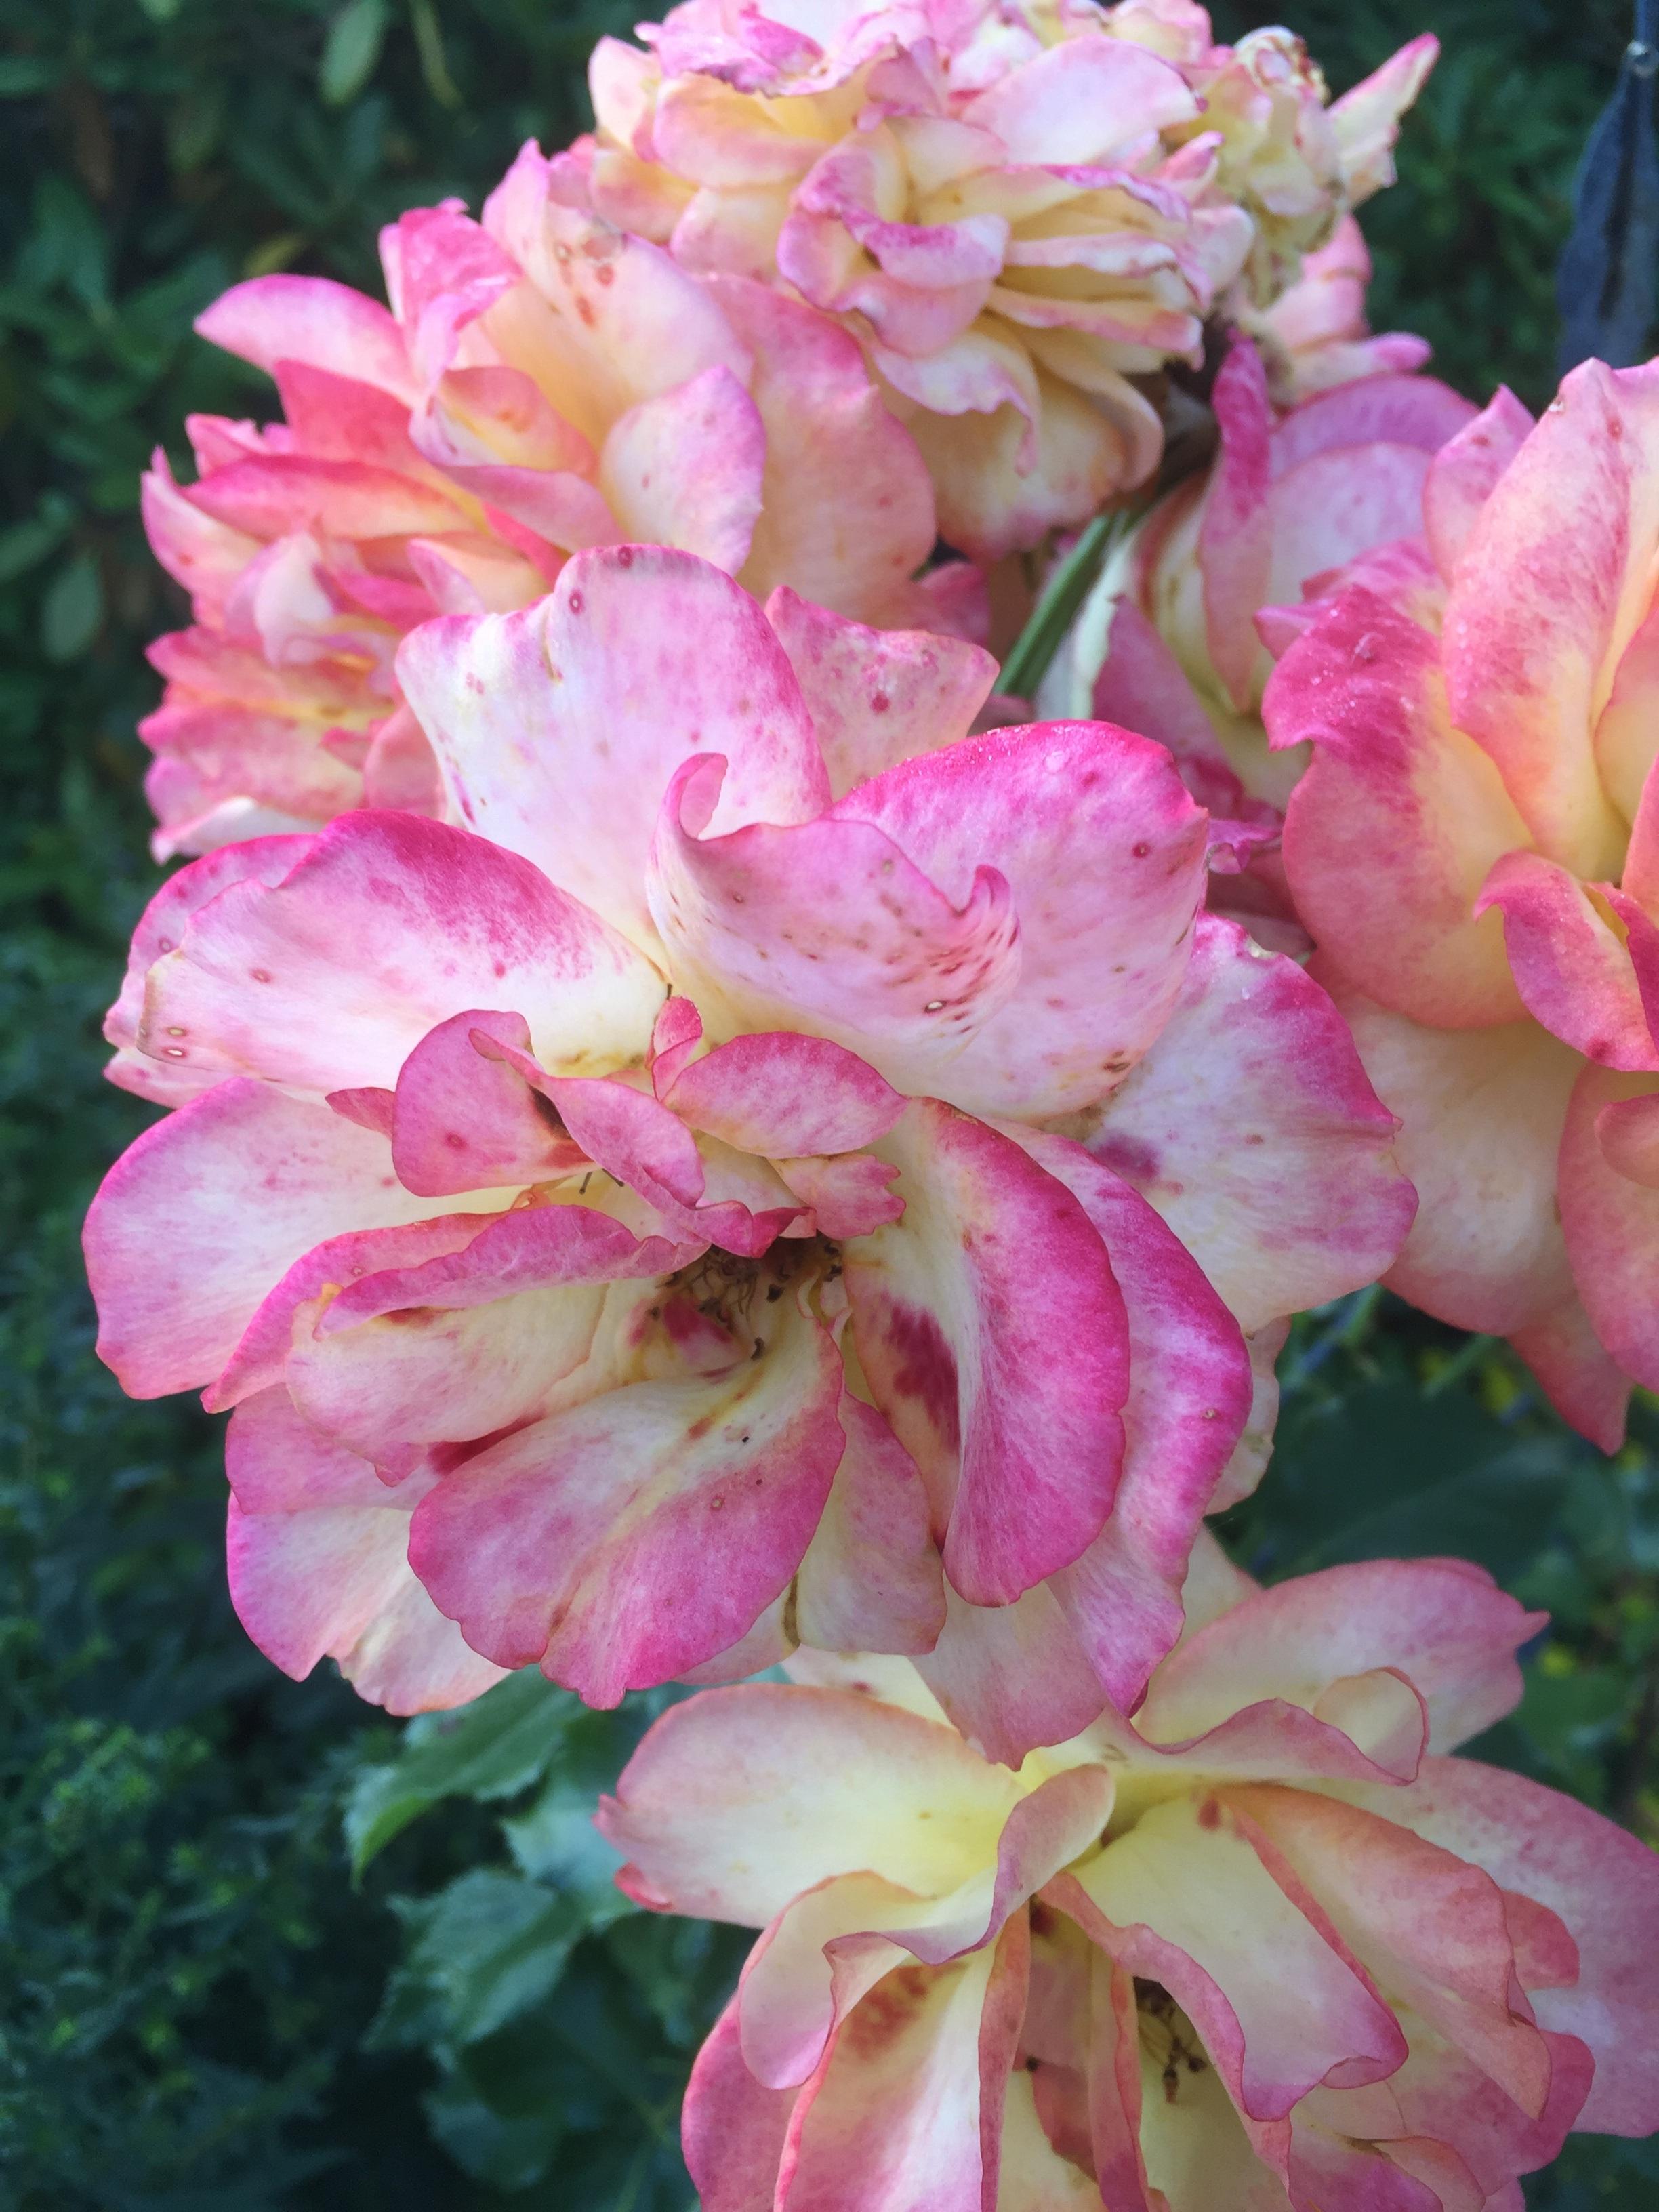 Images gratuites fleur p tale t botanique rose flore des roses arbuste muflier - Plante a fleurs roses ...